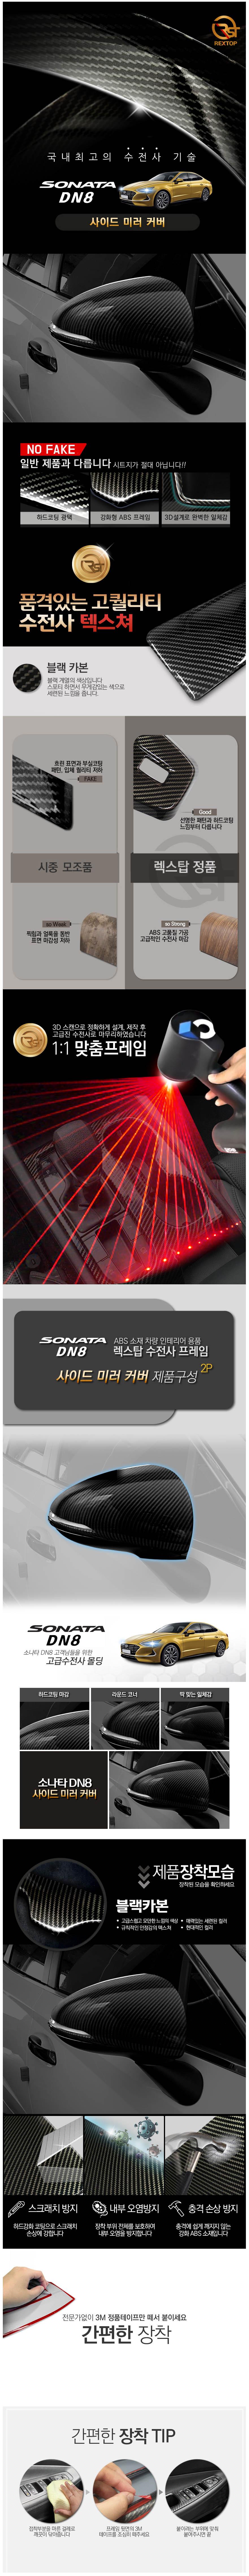 Крышки REXTOP на зеркала заднего вида (карбон) на Sonata DN8 1000110470